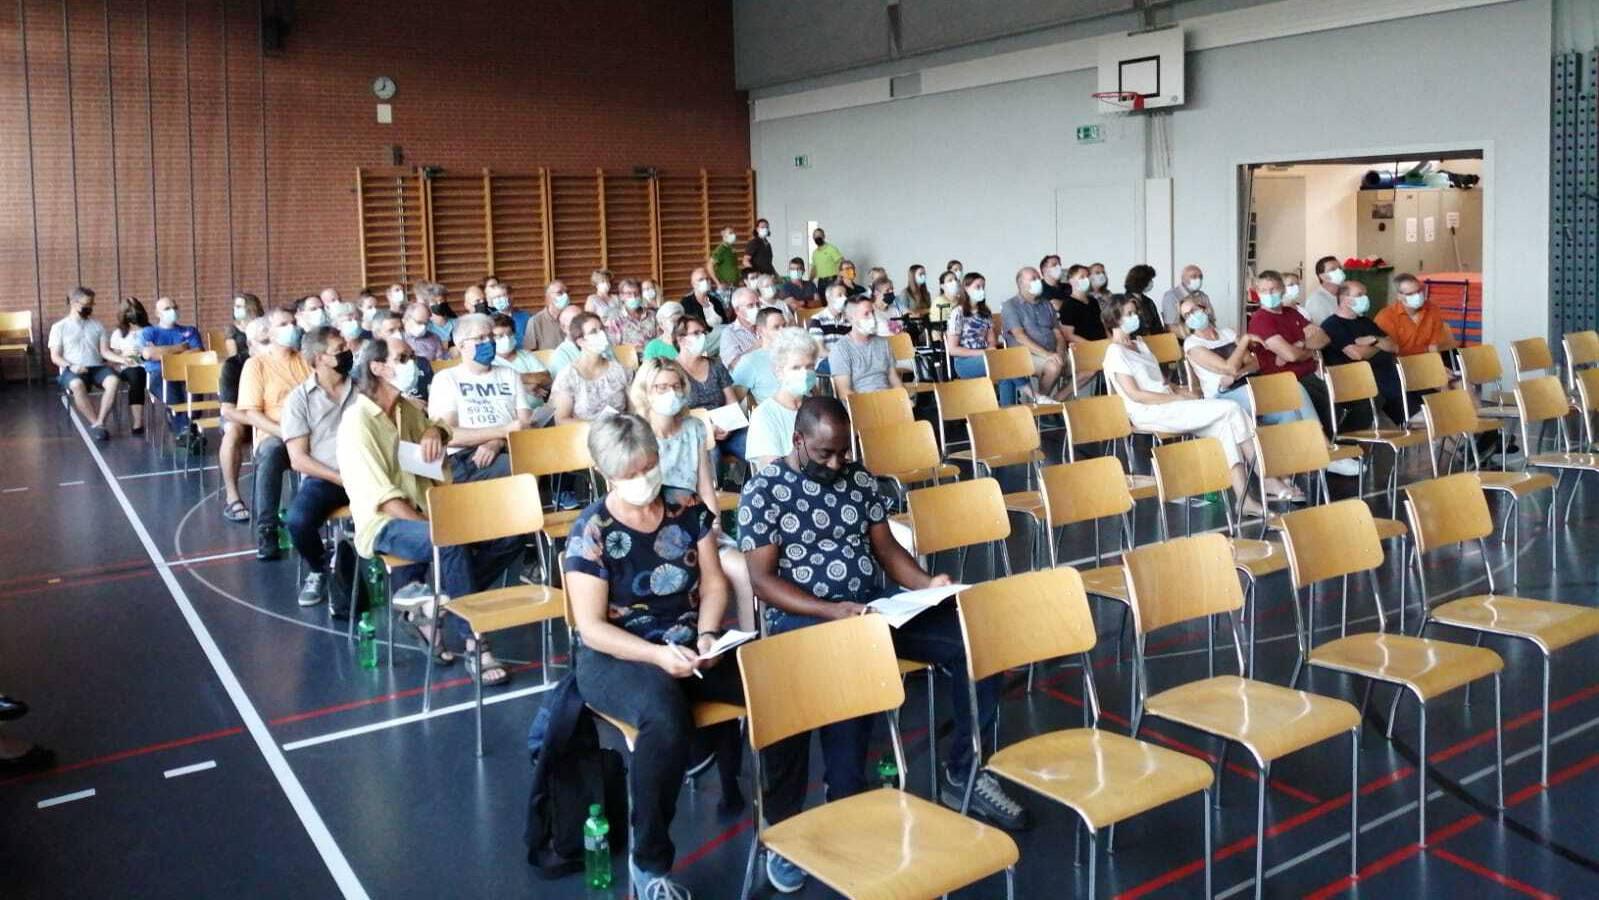 Herznach und Ueken stimmten an den jeweiligen Gemeindeversammlungen dem Zusammenschluss zu.